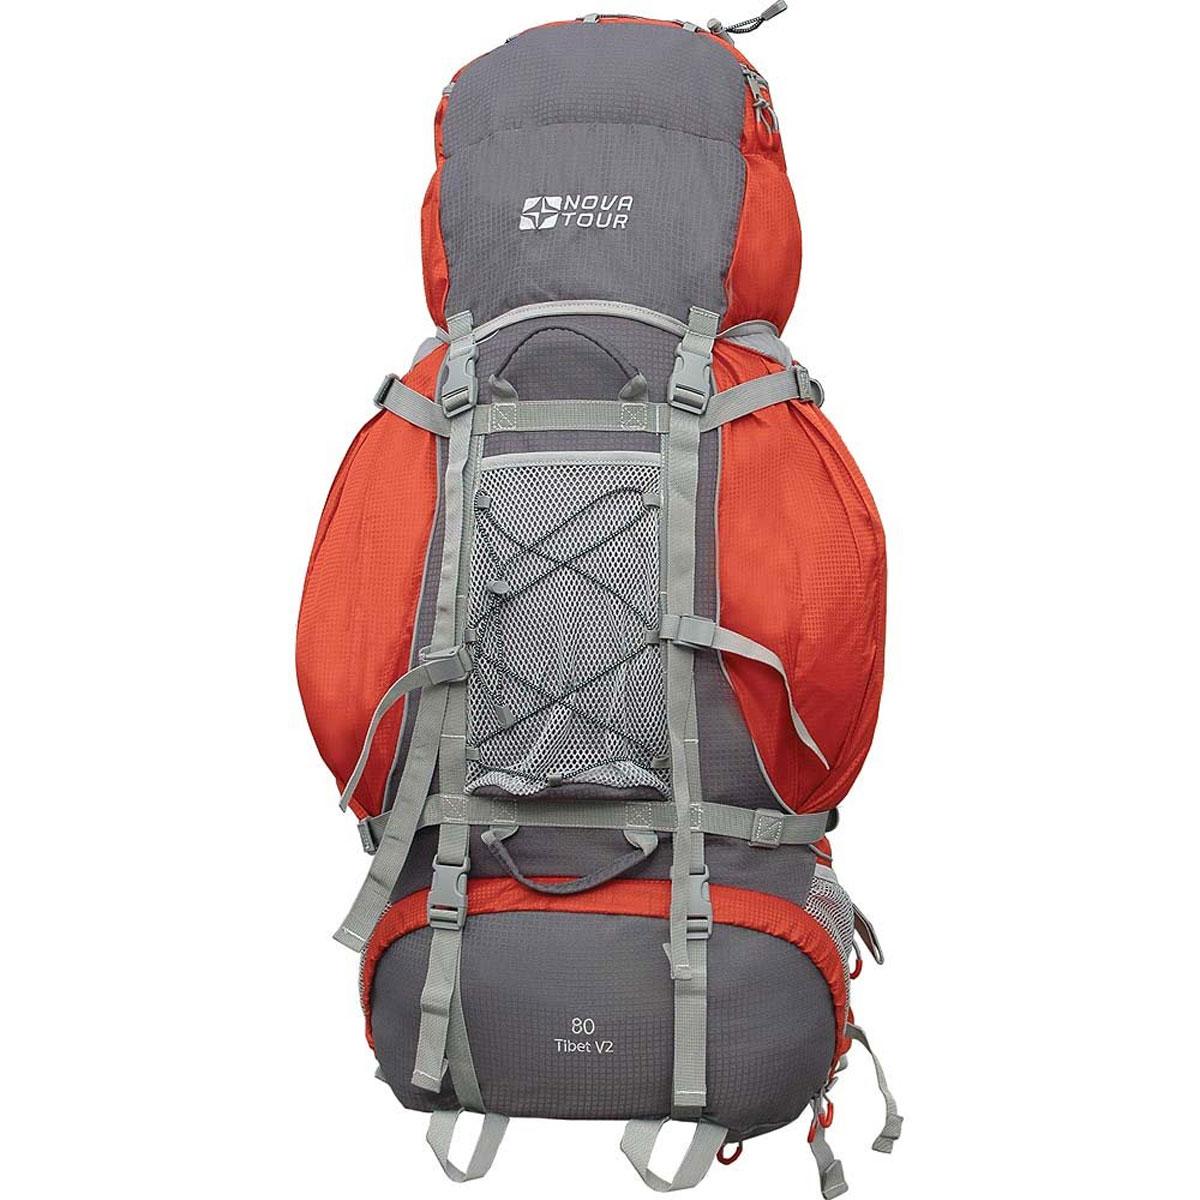 Рюкзак туристический Nova Tour Тибет 80 V2, цвет: серый, терракотовый. 11183-258-0011183-258-00Прочный рюкзак большого объема для классического туризма. Вы можете не ограничивать себя в количестве вещей, ведь этот рюкзак с двумя вместительными карманами на молнии, сетчатыми карманами для фляги и мелочей по обеим бокам рюкзака, а также объемным клапаном. Ваша спина не устанет во время длительных переходов с удобной подвесной системой, разработанной специально для переноски тяжелых грузов. Удобство при погрузке рюкзака в транспорт обеспечивают три усиленных ручки. Если в пути застанет дождь или снег не беда! В специальном кармане на дне рюкзака упакован непромокаемый гермочехол. На концах боковых стяжек имеются липучки для закрепления излишков стропы. Особенности: Прочная ткань с непромокаемой пропиткой. Сетчатый материал, отводящий влагу от вашего тела. Применяется на лямках, спинках и поясе рюкзака. Светоотражающий кант - для обеспечения безопасности в темное время суток. Съемный чехол для защиты от влаги и грязи, размещенный в...